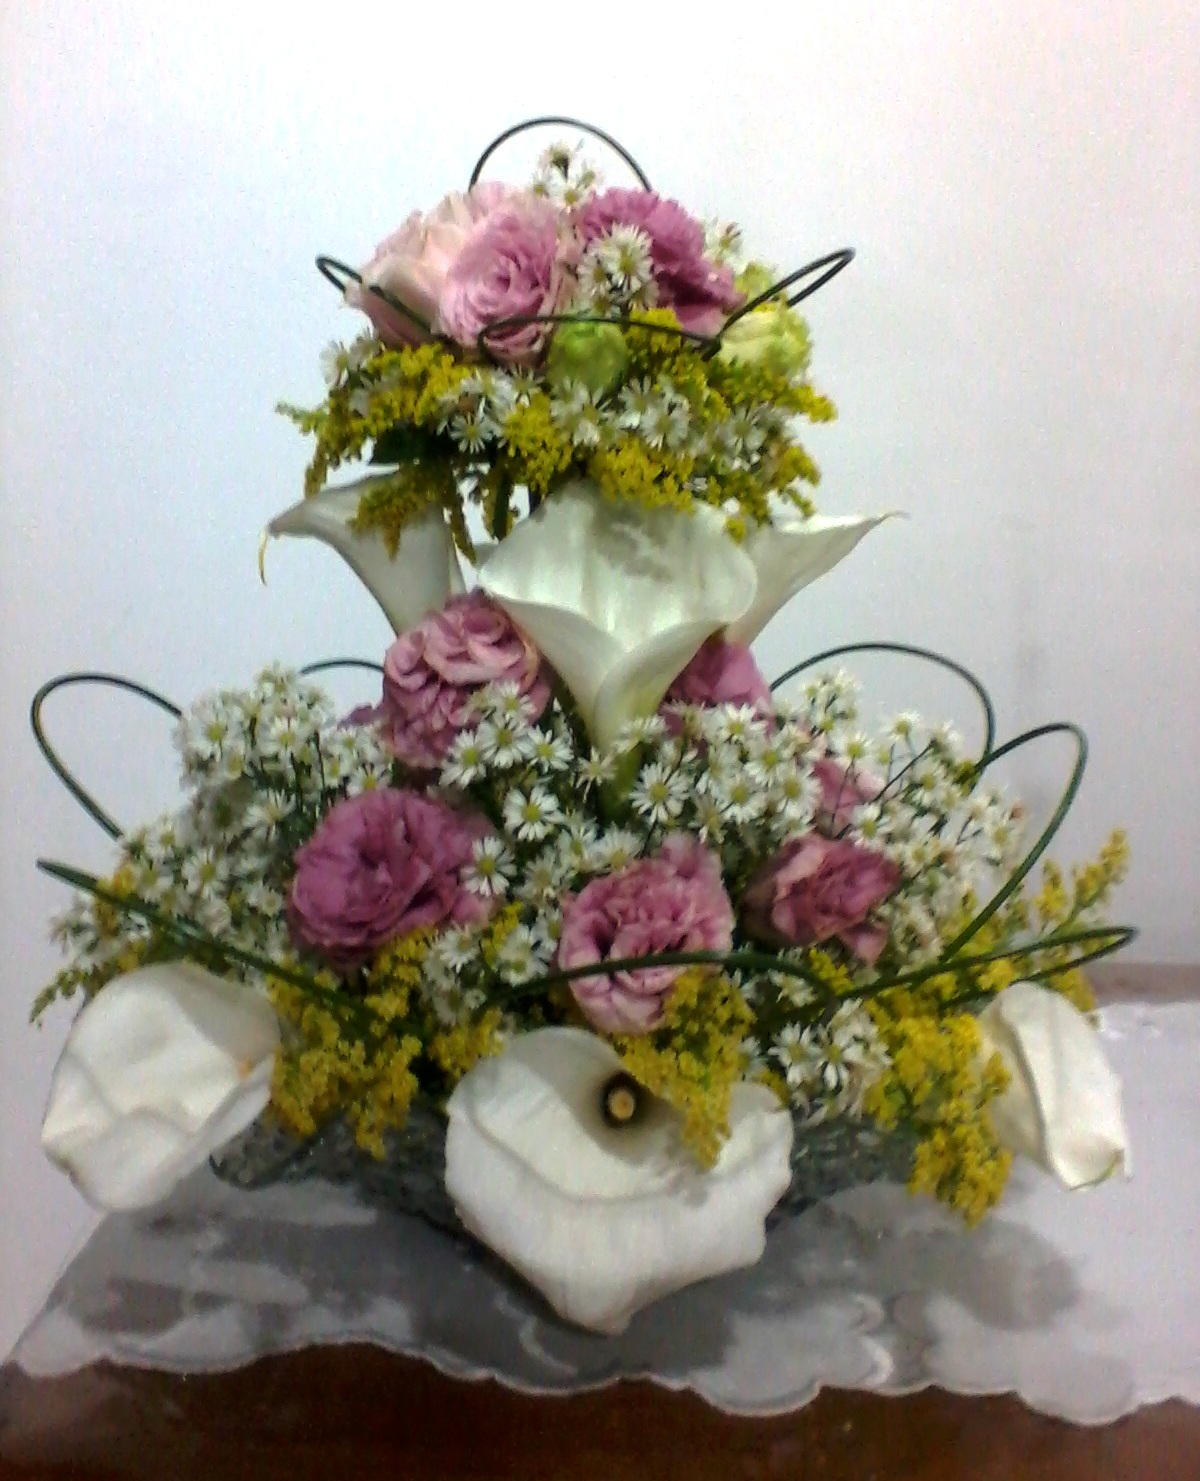 flores jardim camburi : flores jardim camburi:Divina Flor!: Flores, Flores, Flores!